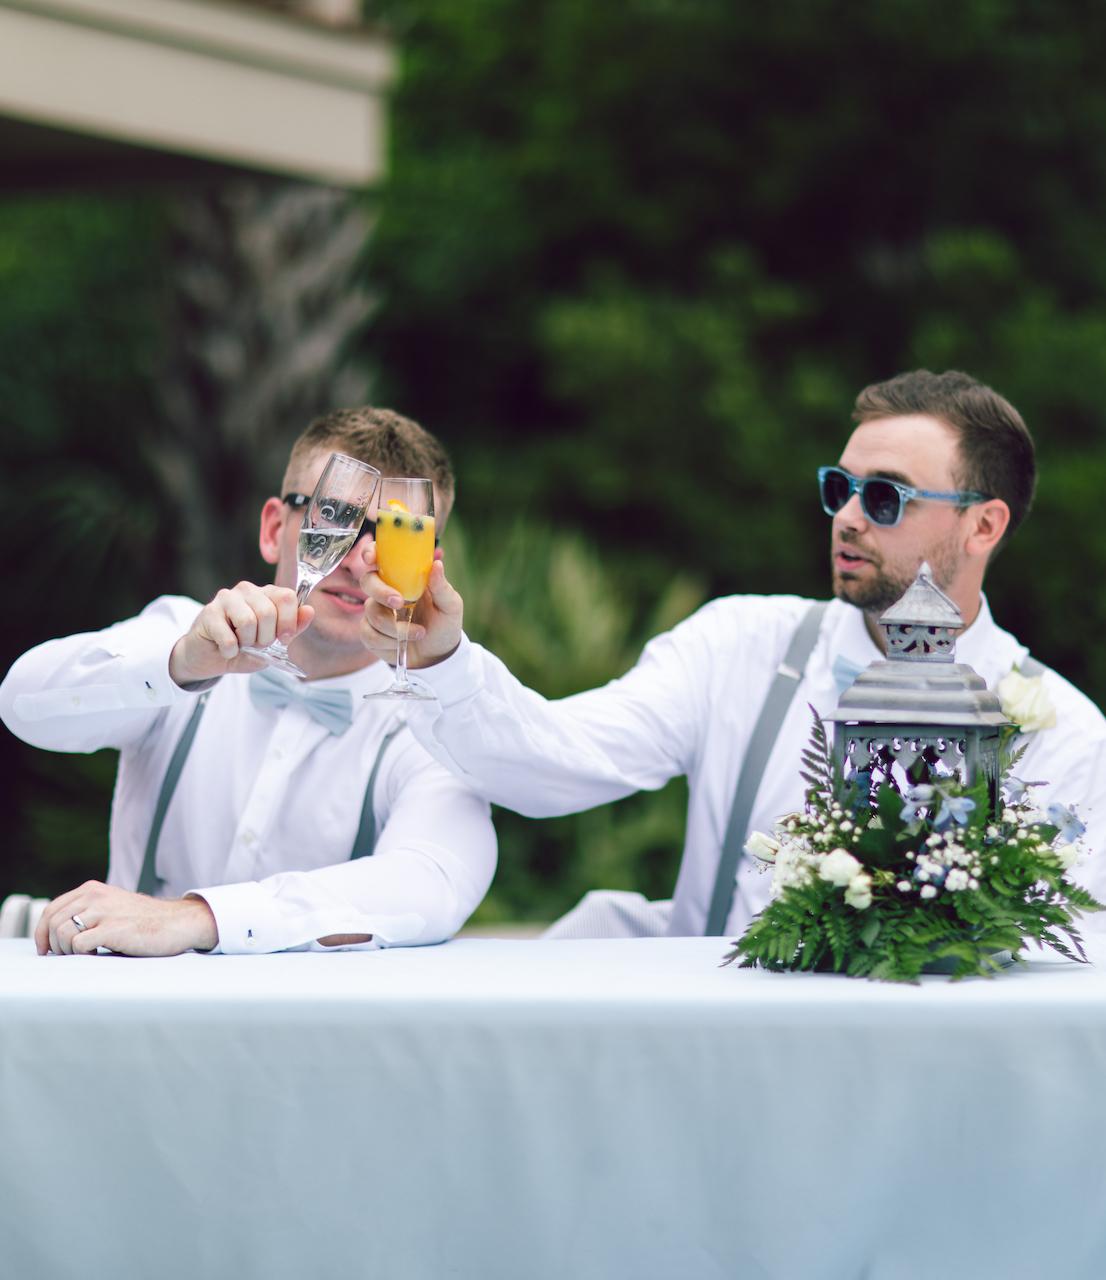 hilton-head-island-wedding-sc-reception280.jpg